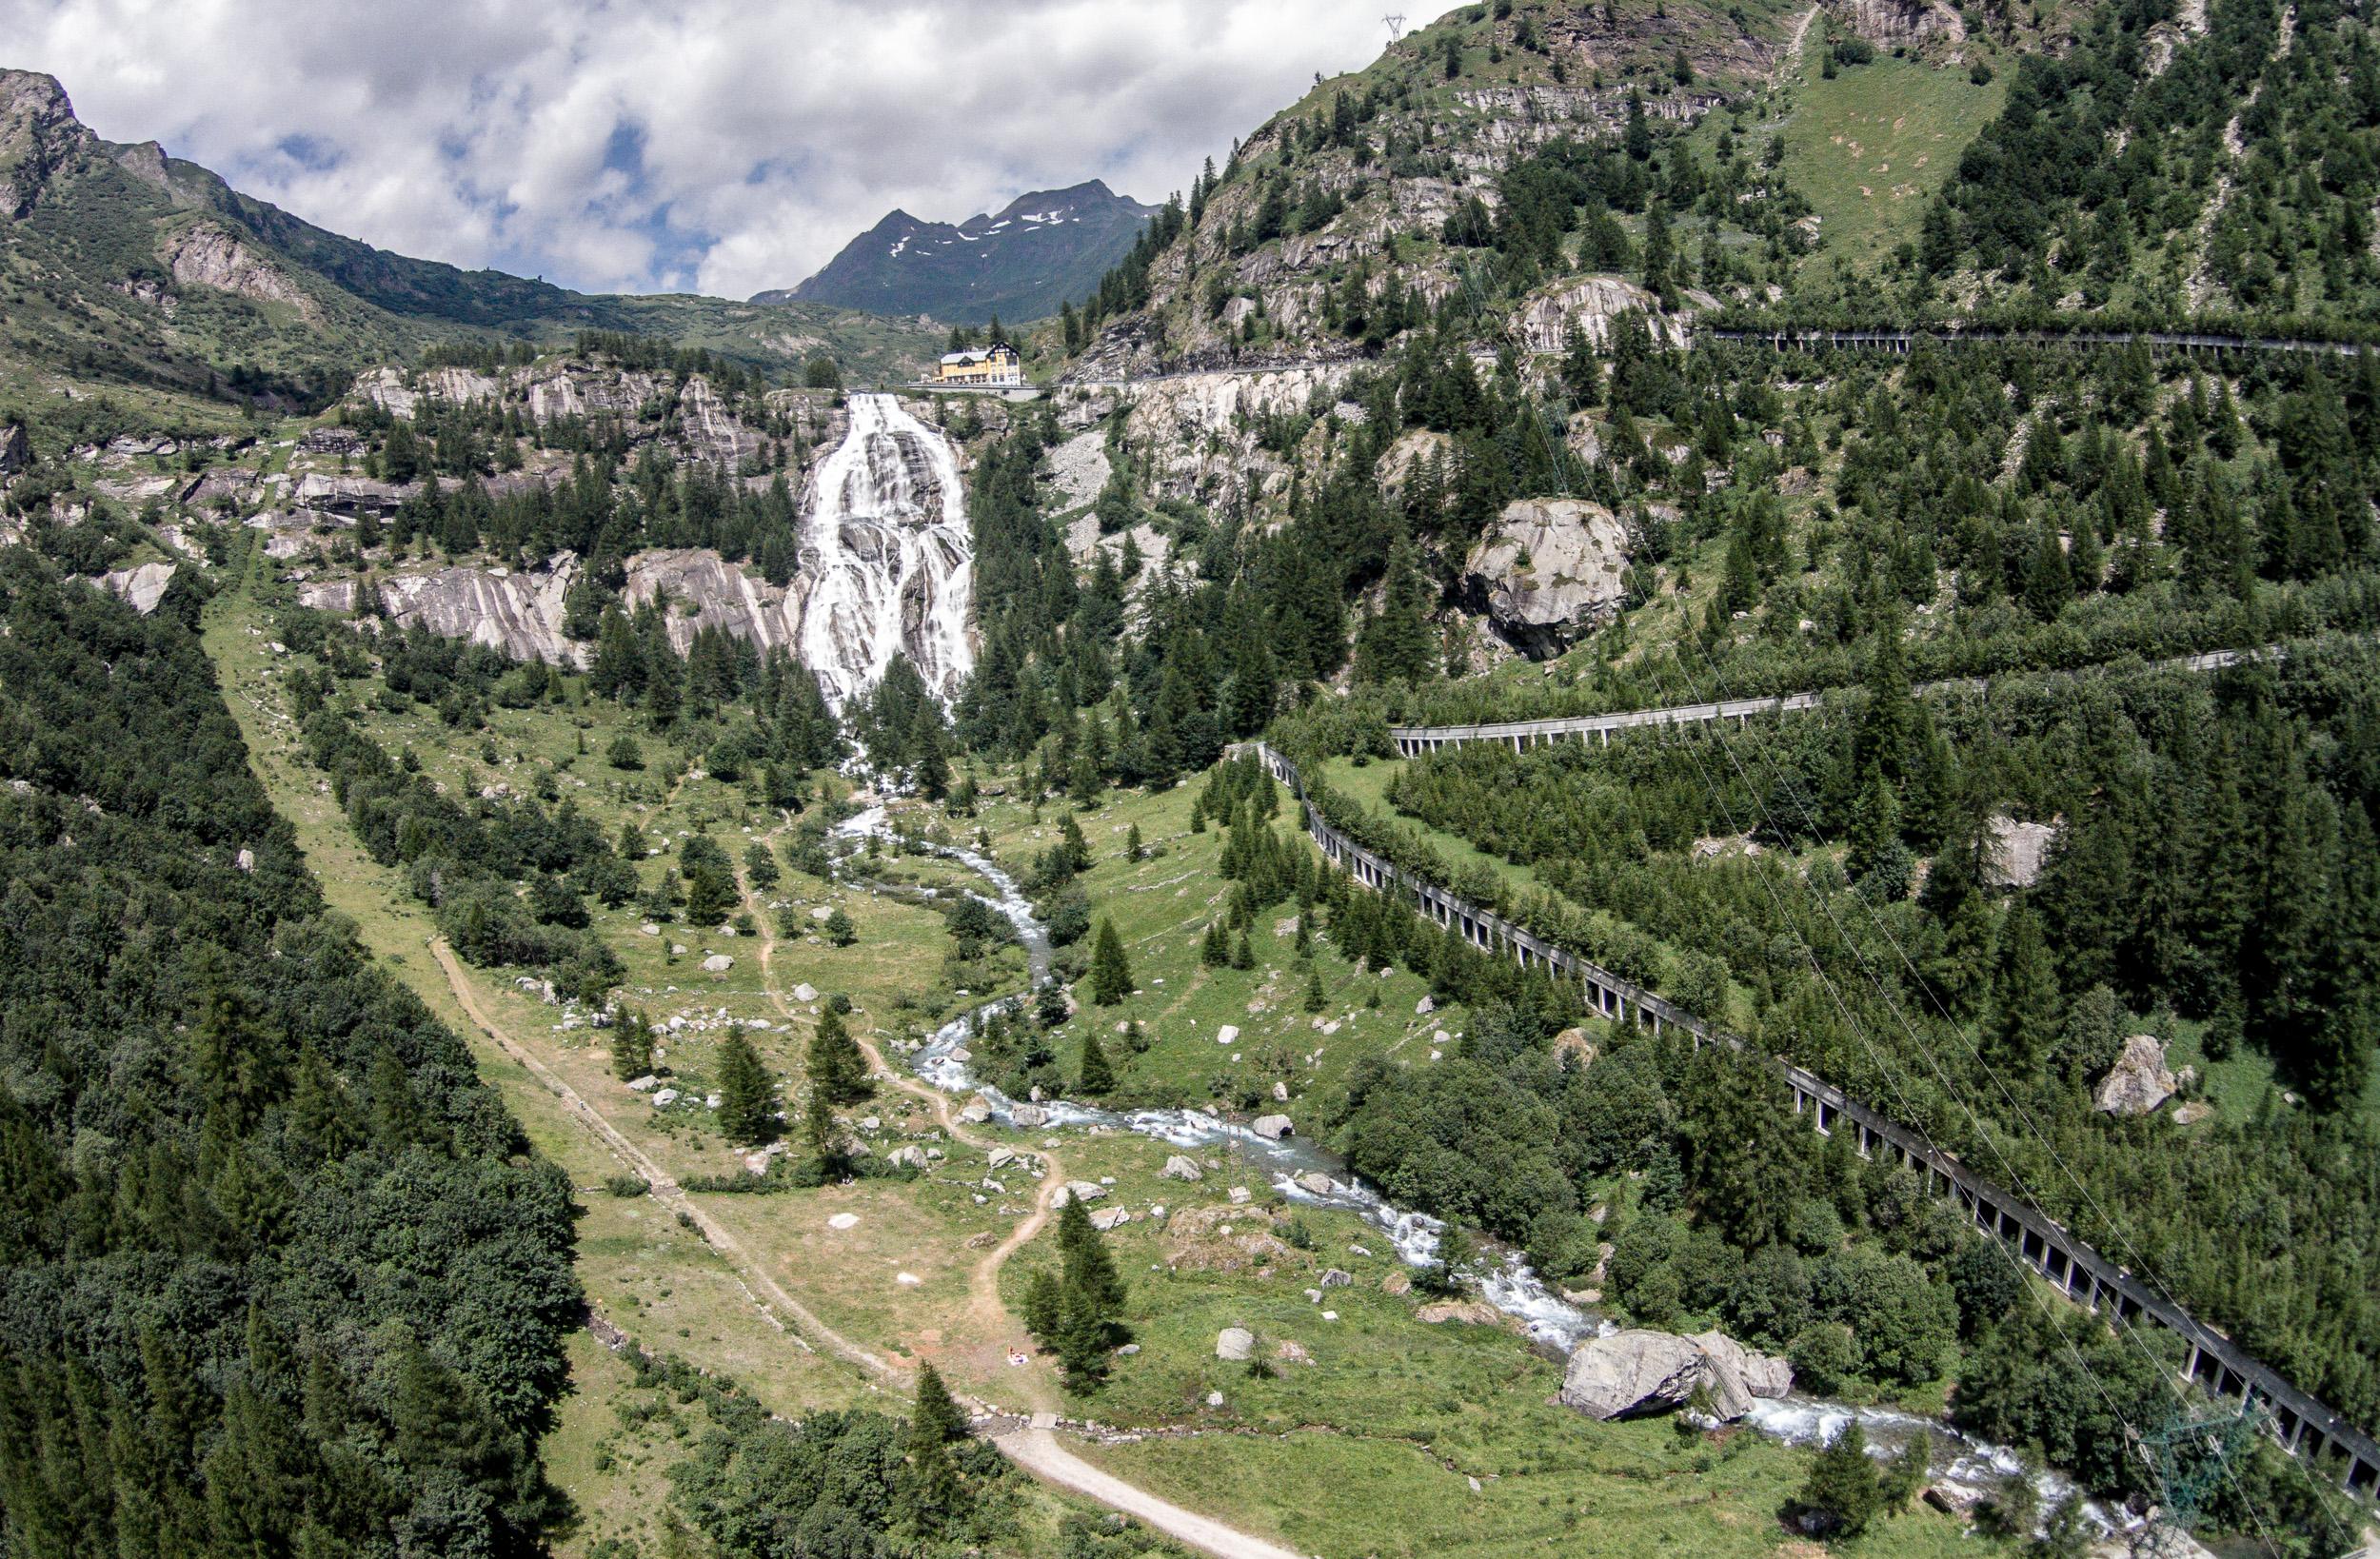 Vista aerea della Cascata del Toce